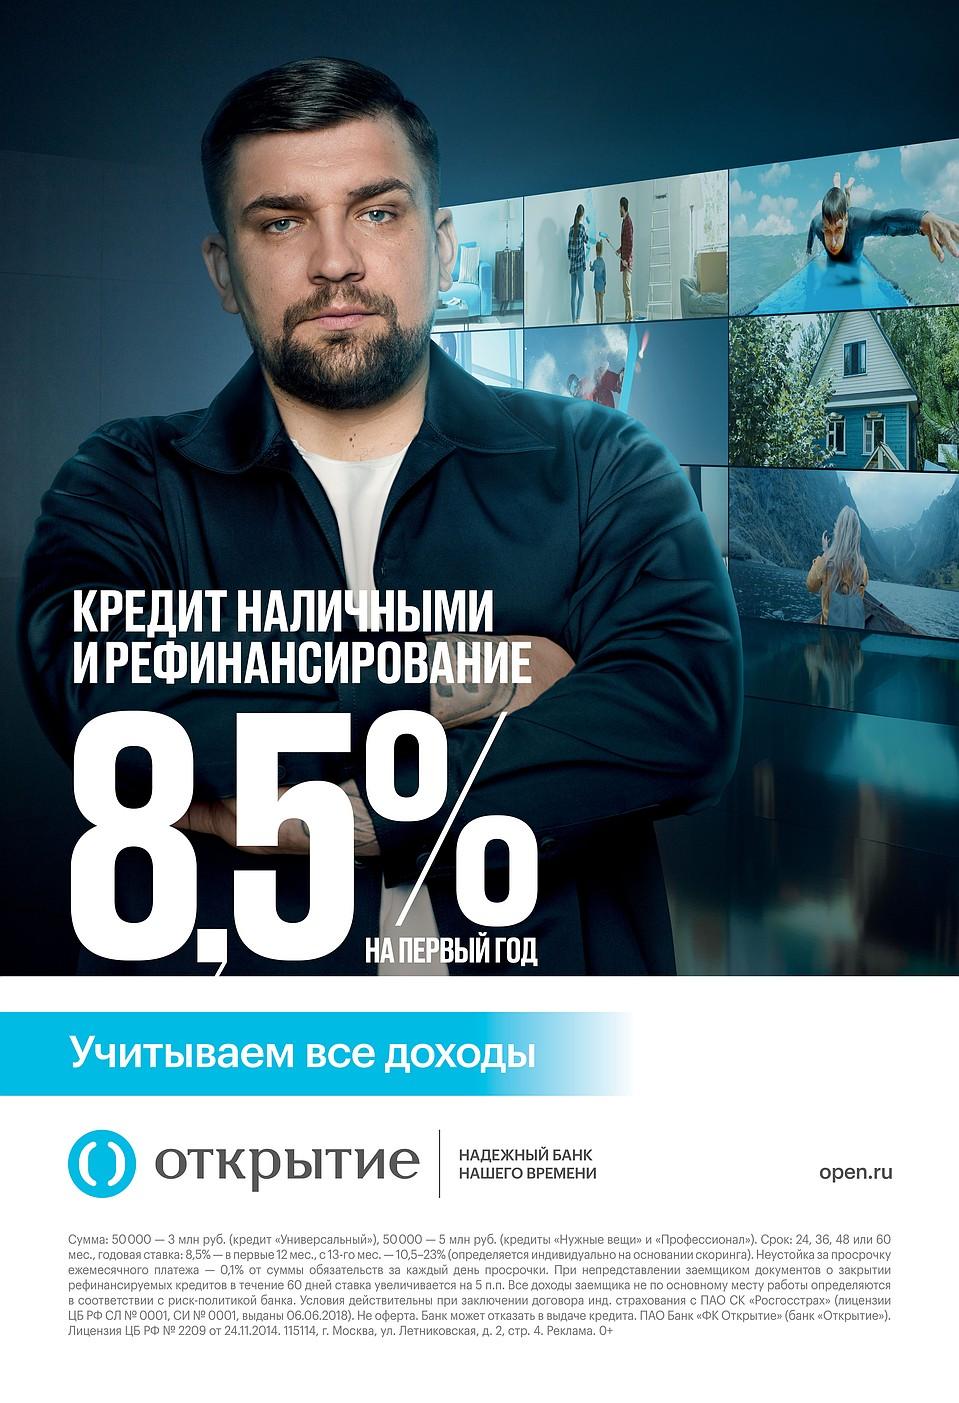 Банк открытие пермь кредит наличными